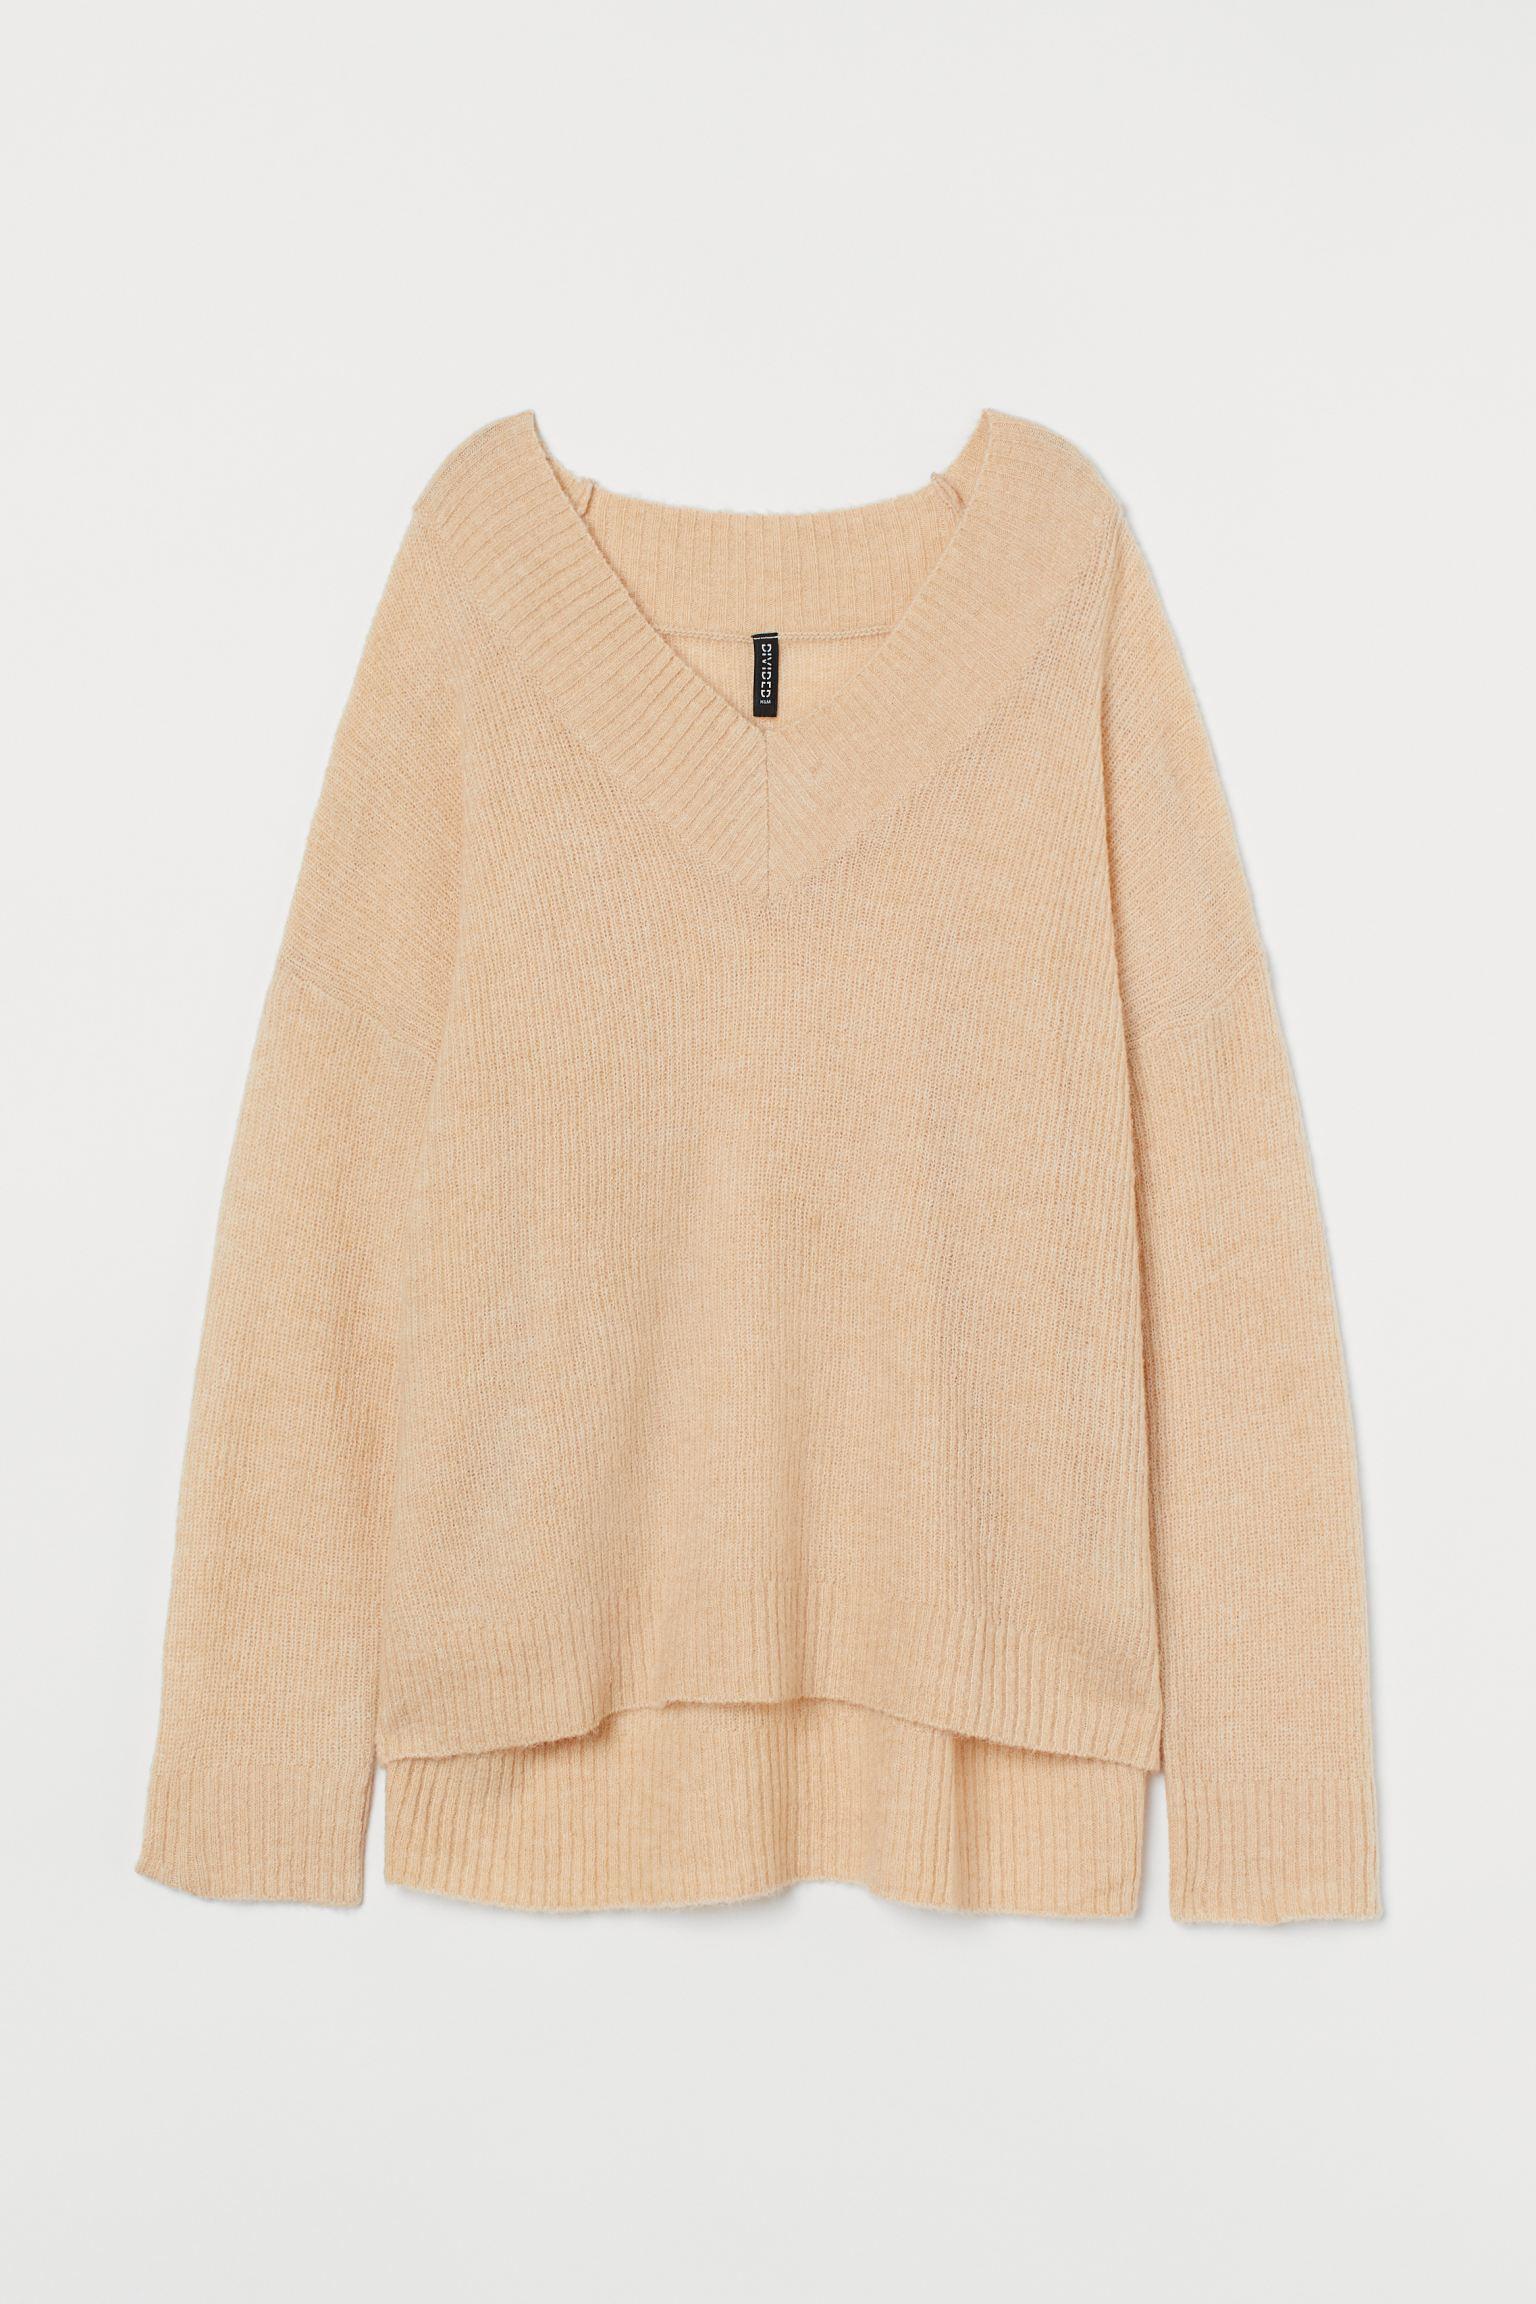 Отзыв на Свитер больше обычного размера шерстяные из Интернет-Магазина H&M